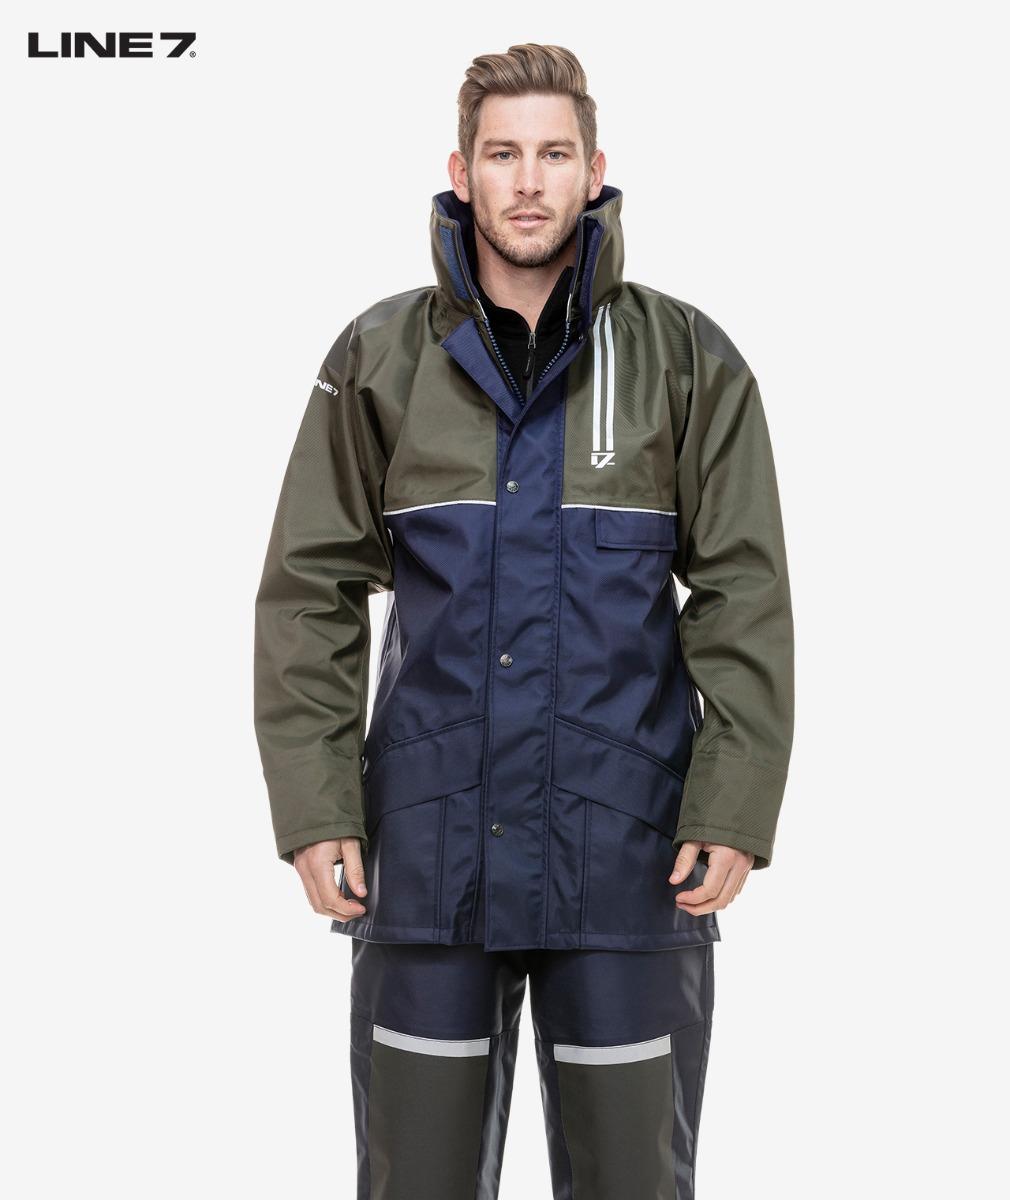 Line 7 Men's Territory Waterproof Jacket